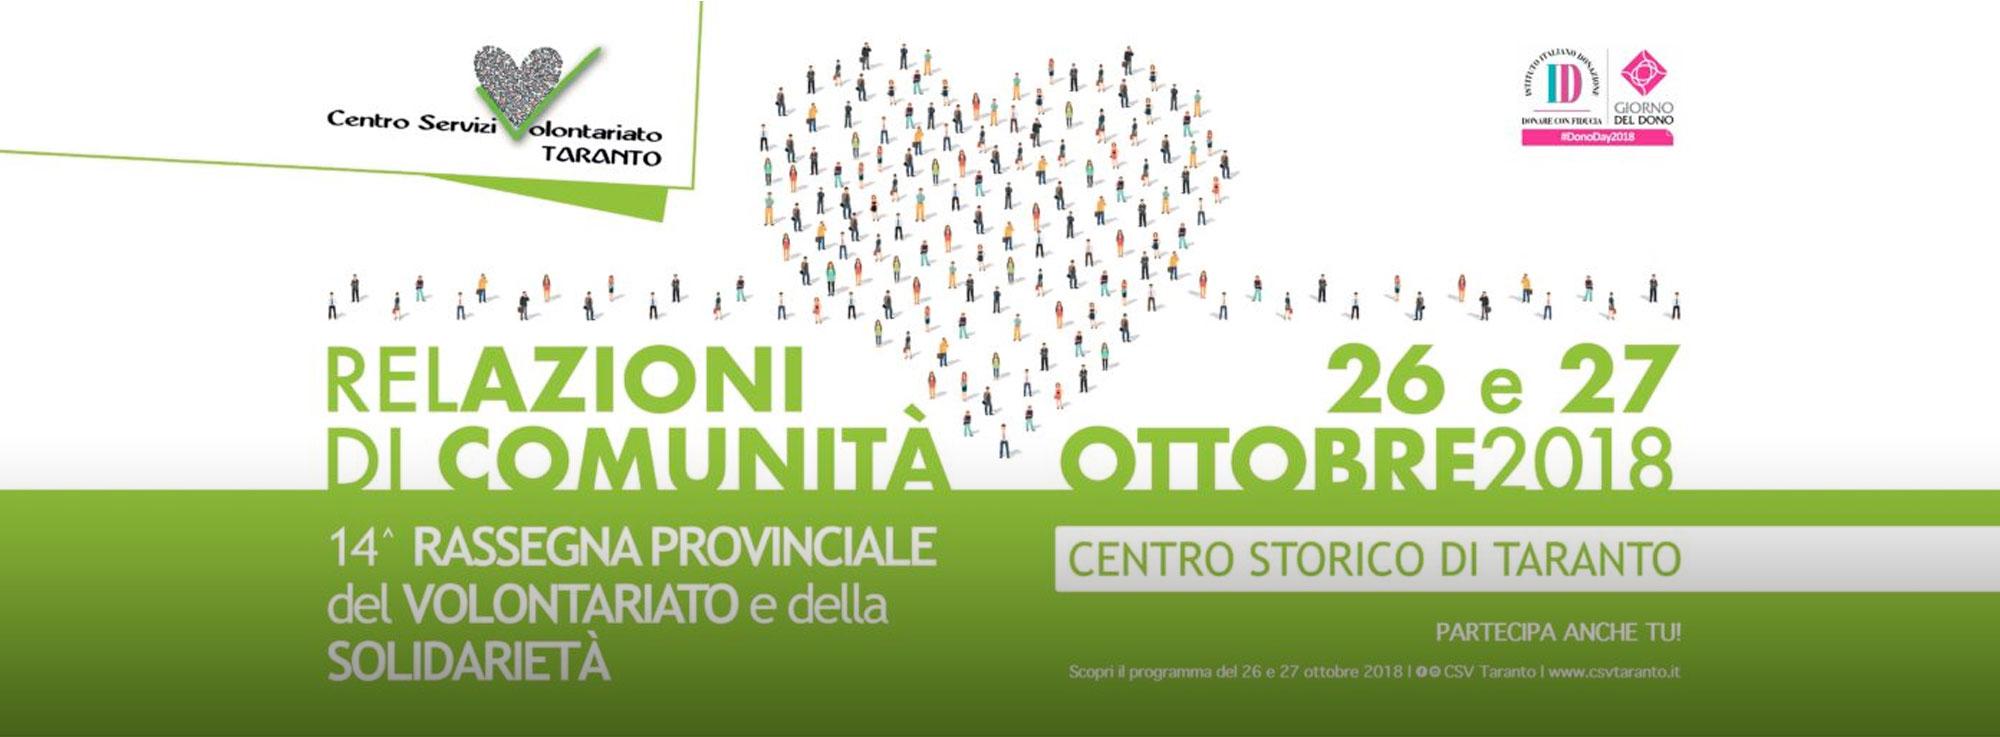 Taranto: Rassegna provinciale del Volontariato e della Solidarietà